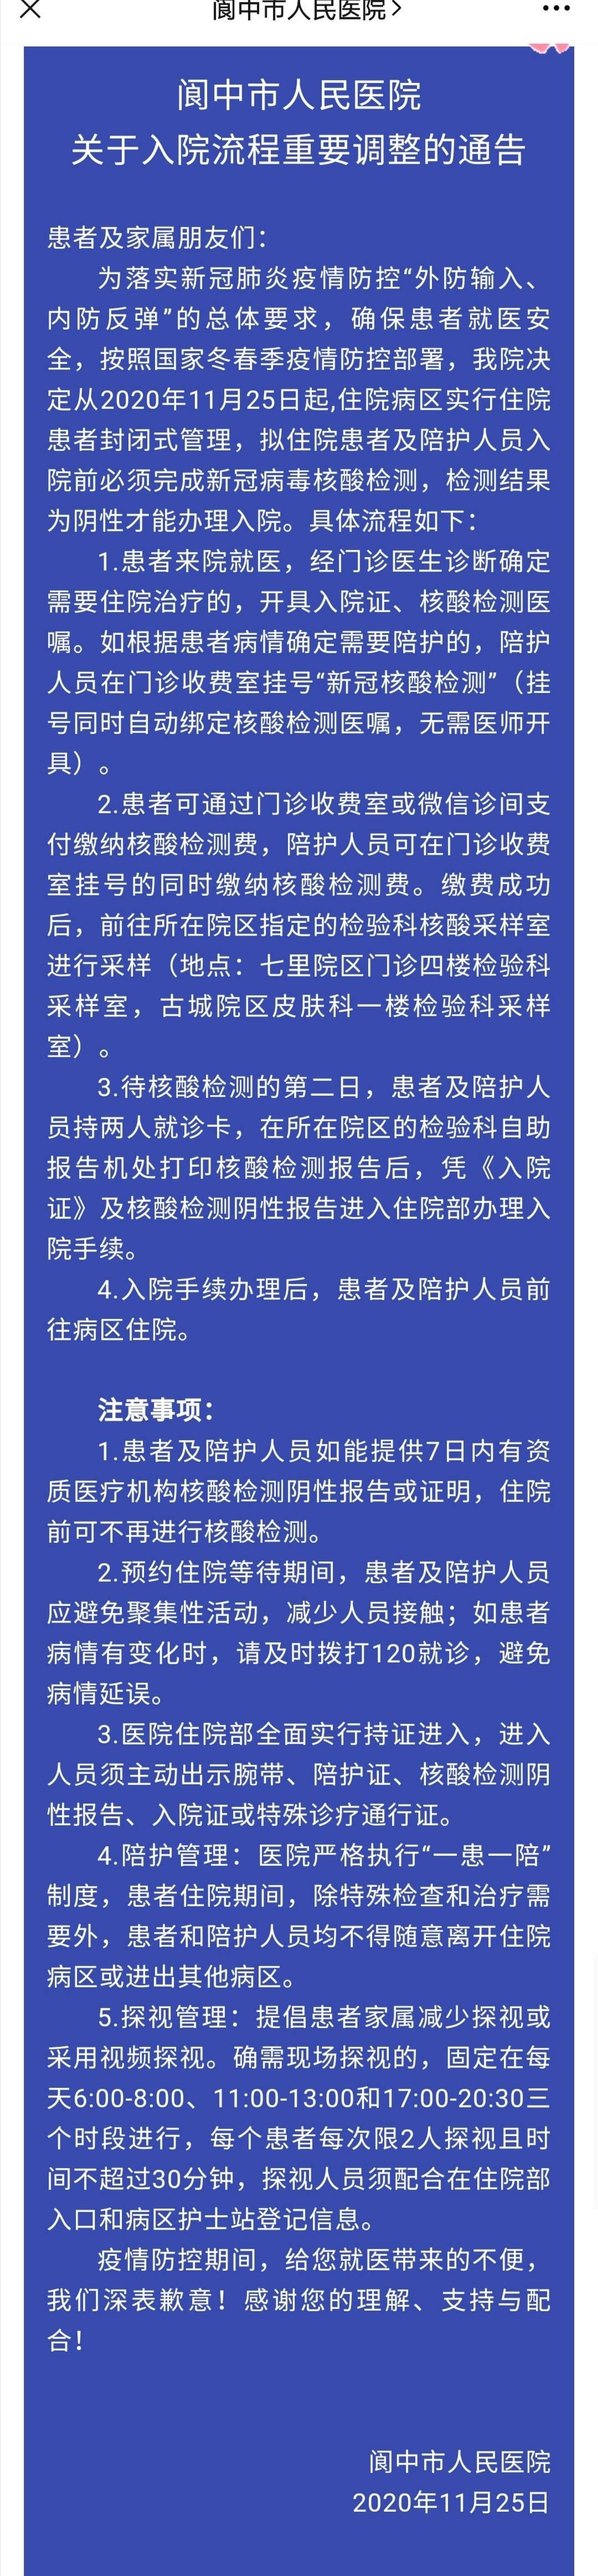 阆中市人民医院强化入院流程公告引发关注